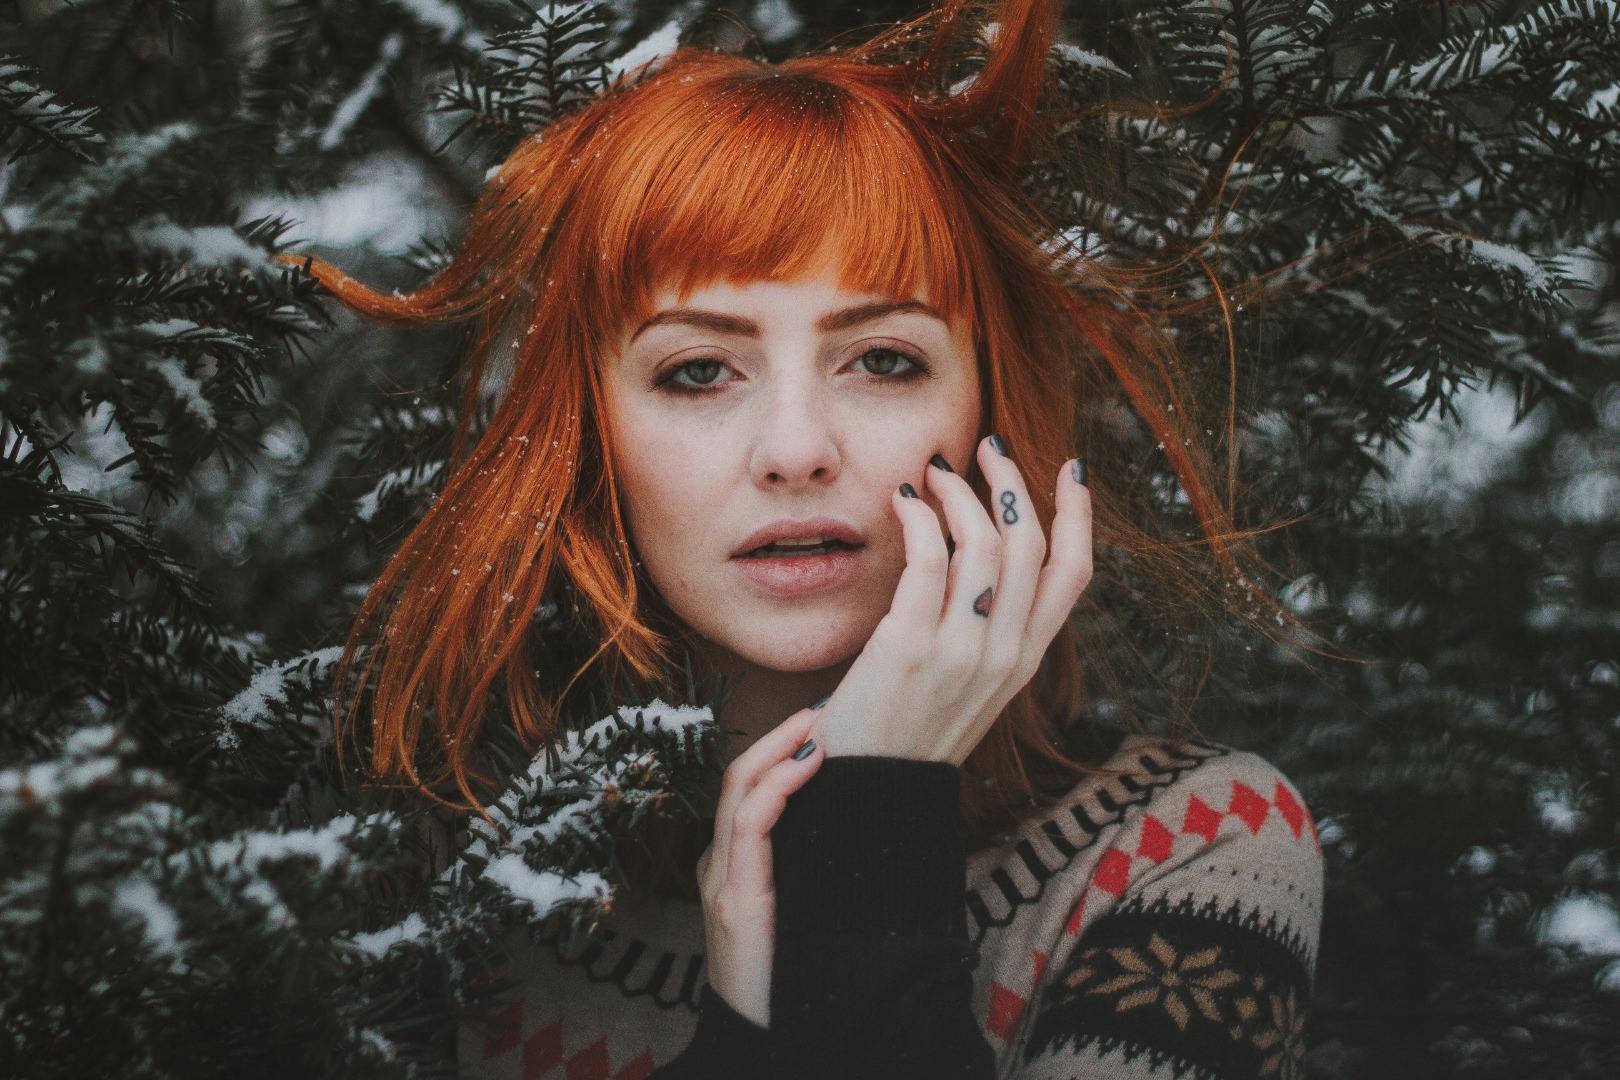 Blog Post - attenzione al freddo - come mantenere i capelli belli sani inverno